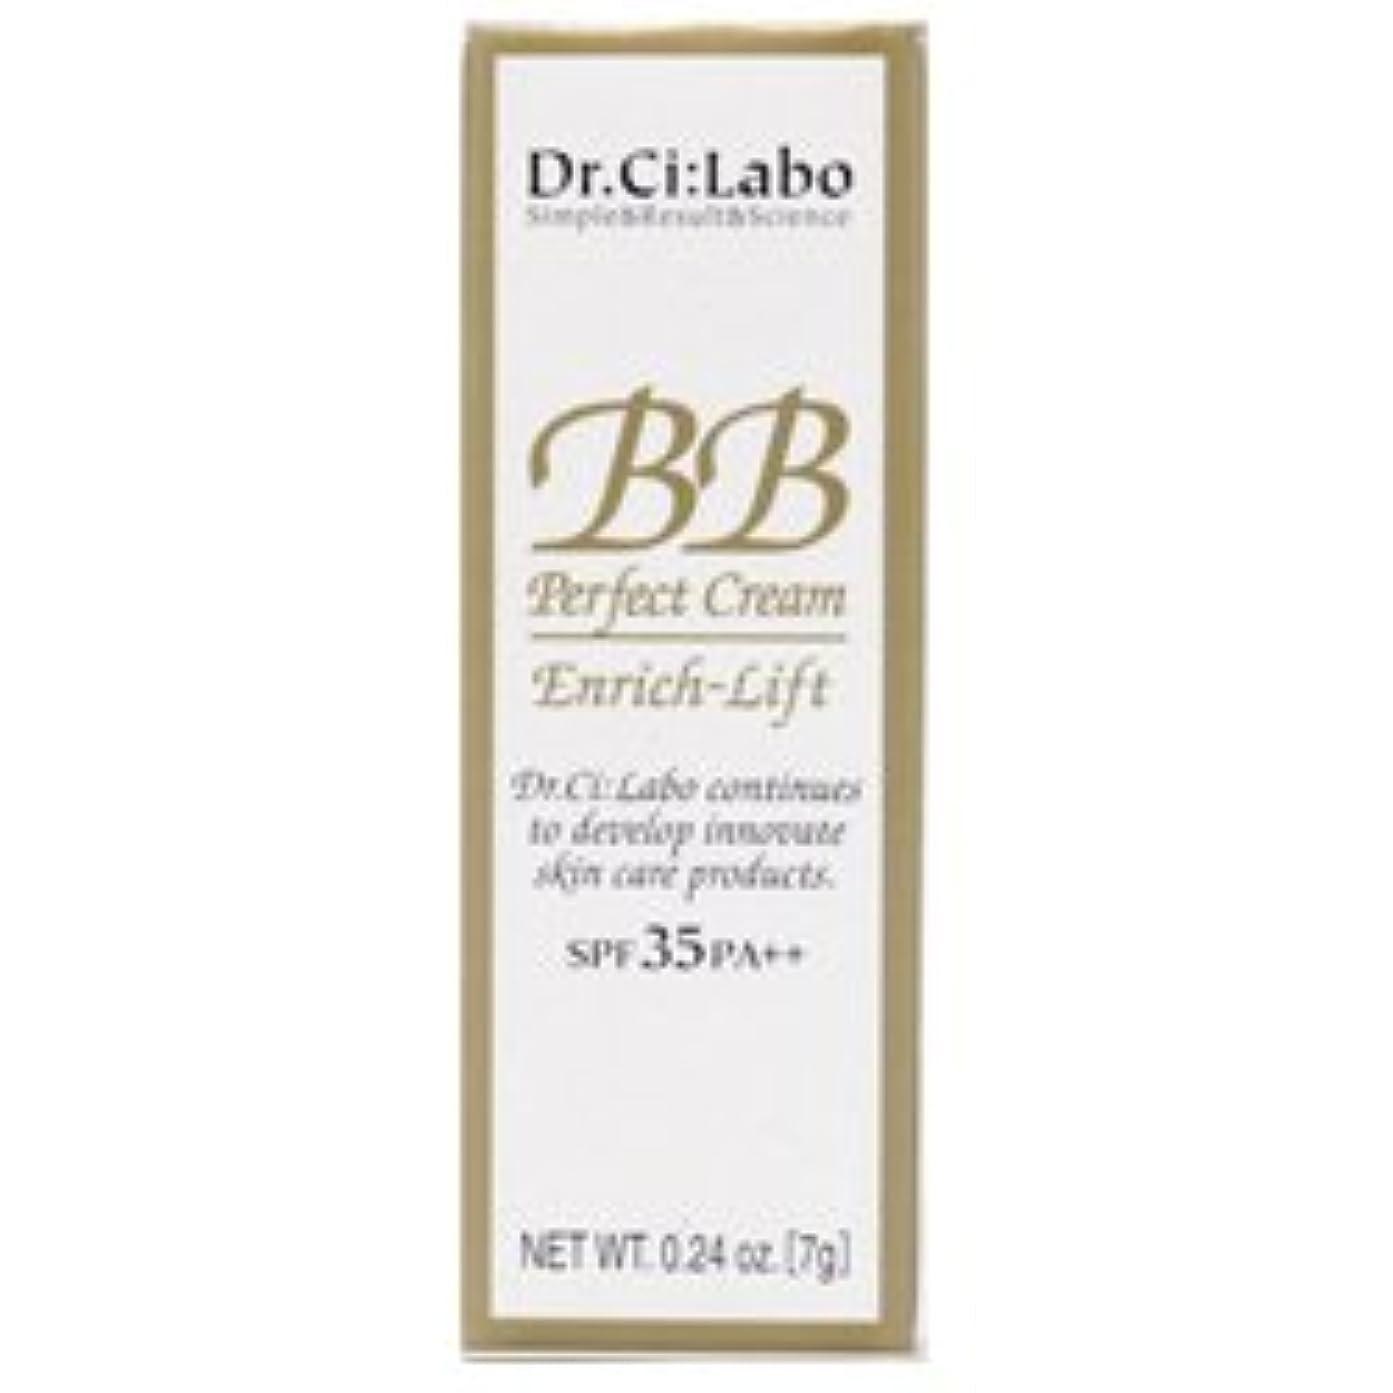 不完全拷問効果的【ミニサイズ 7g】 ドクターシーラボ Dr.Ci:Labo BBパーフェクトクリーム エンリッチリフトv SPF35 PA++